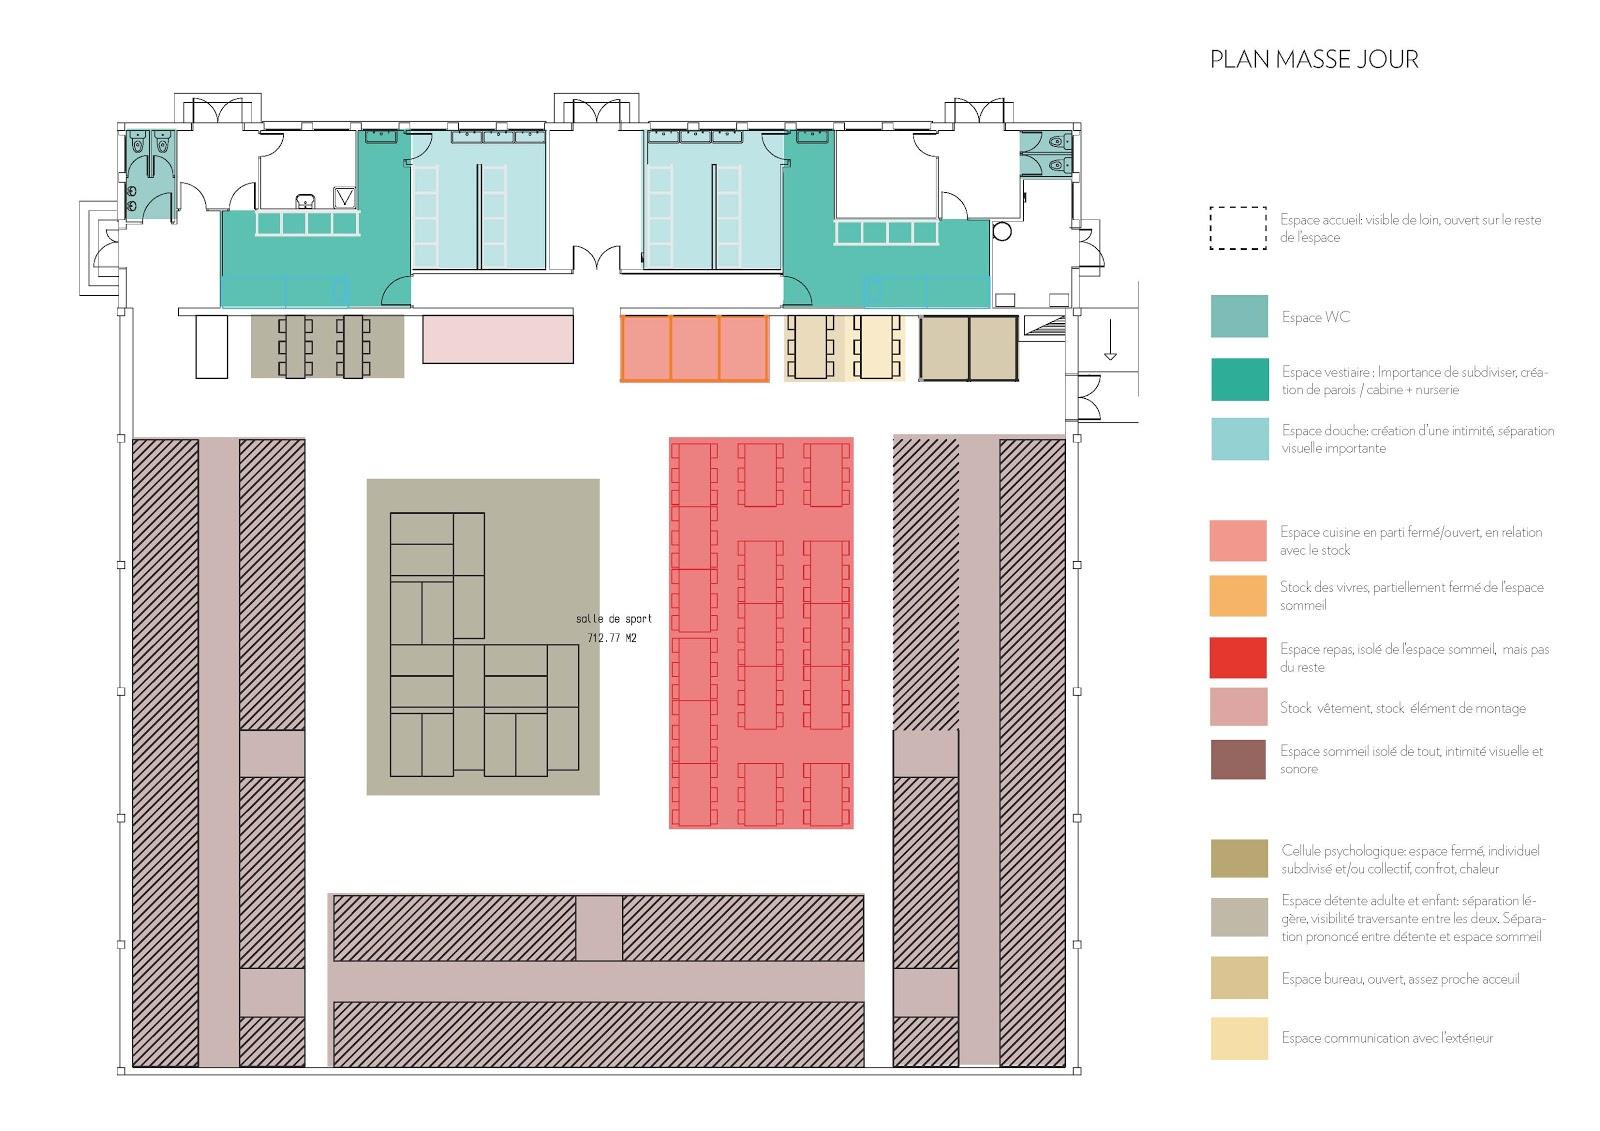 Communication de projet espace d tente architecture de for Plan masse architecture